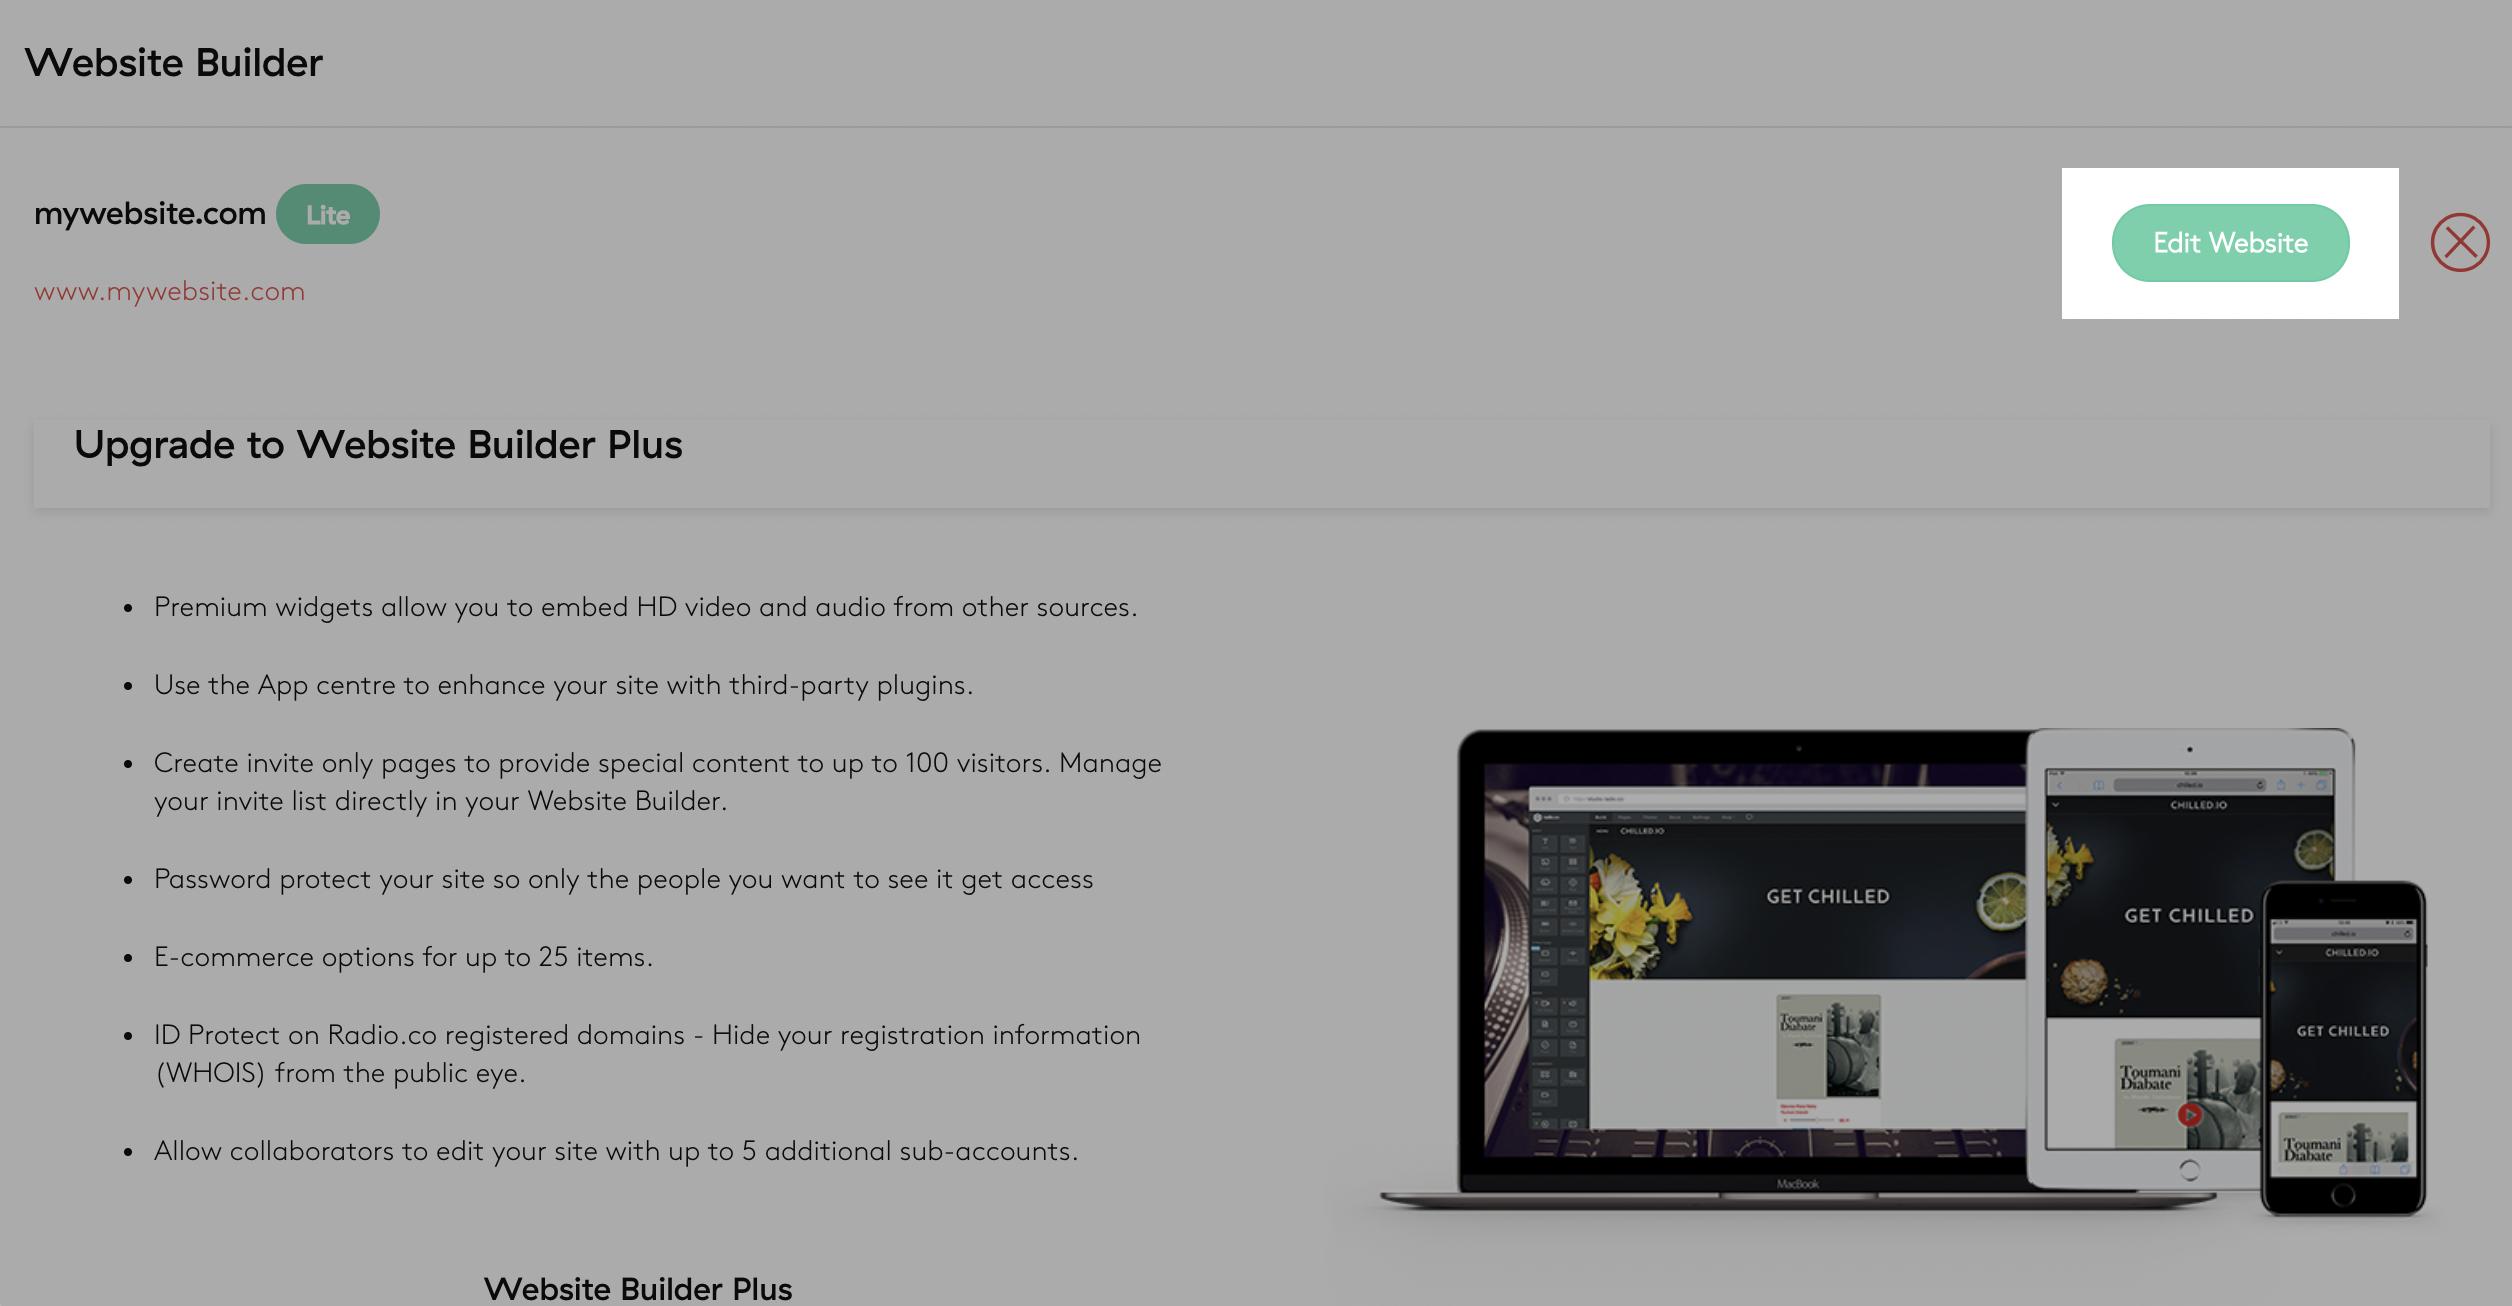 website builder add-on